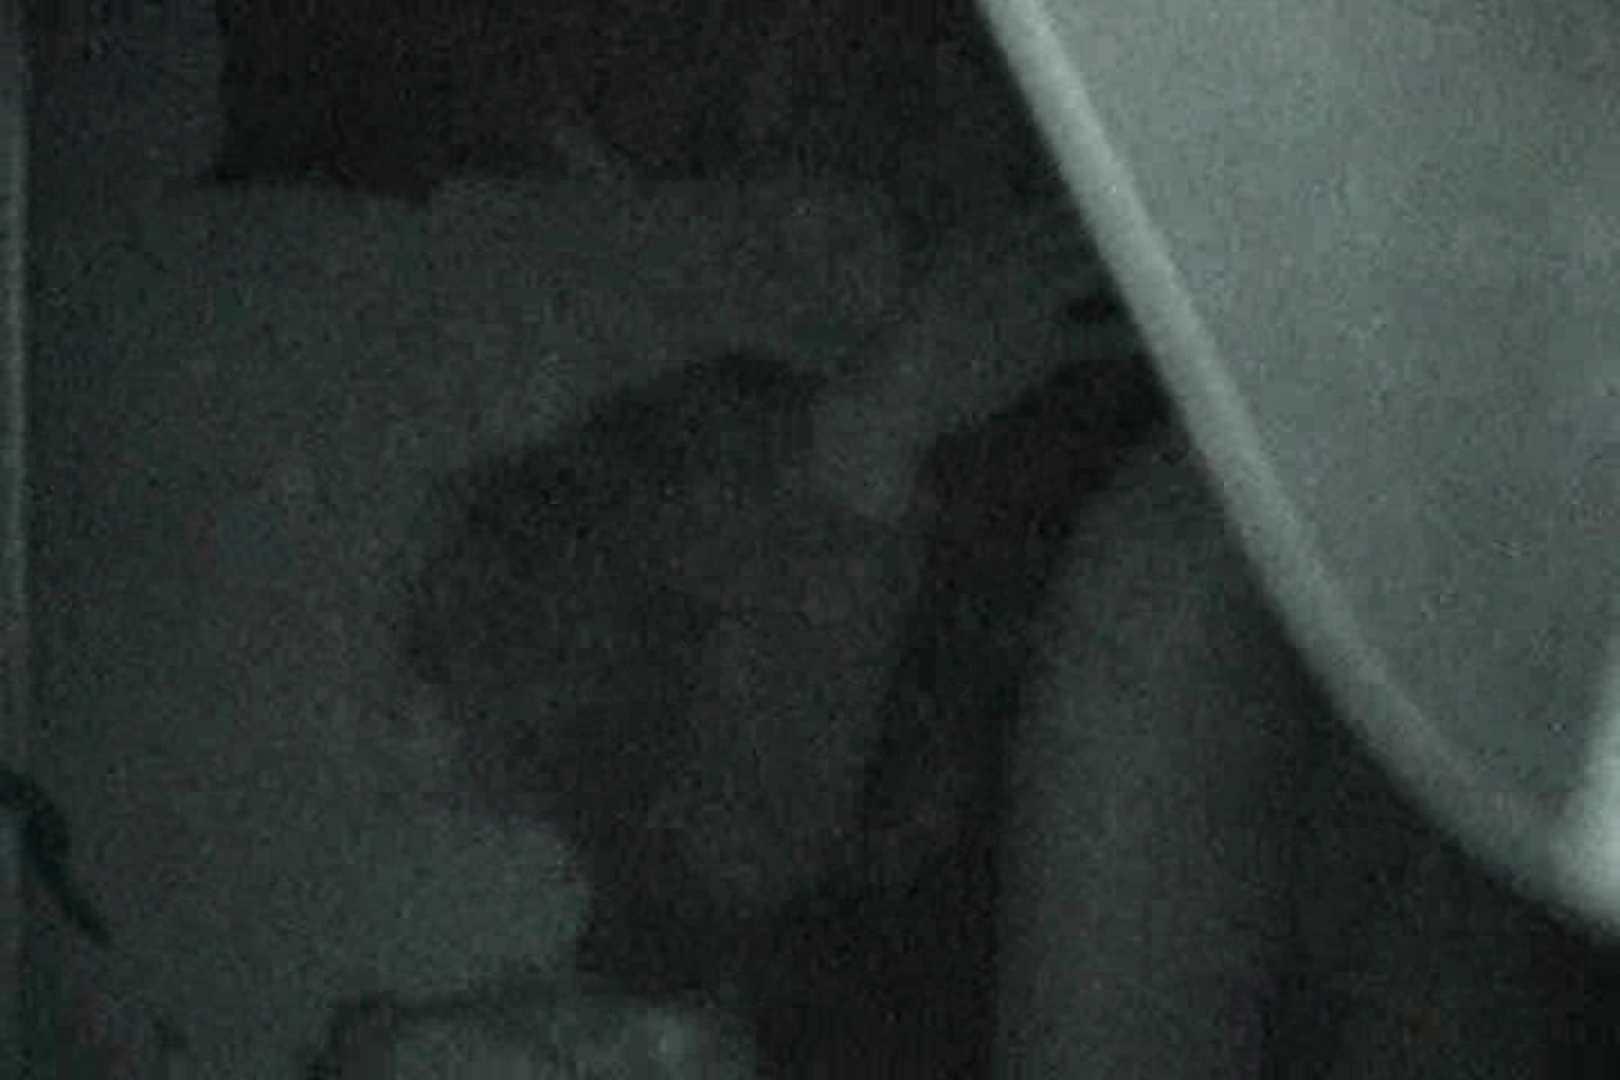 充血監督の深夜の運動会Vol.2 セックス おめこ無修正画像 69画像 30